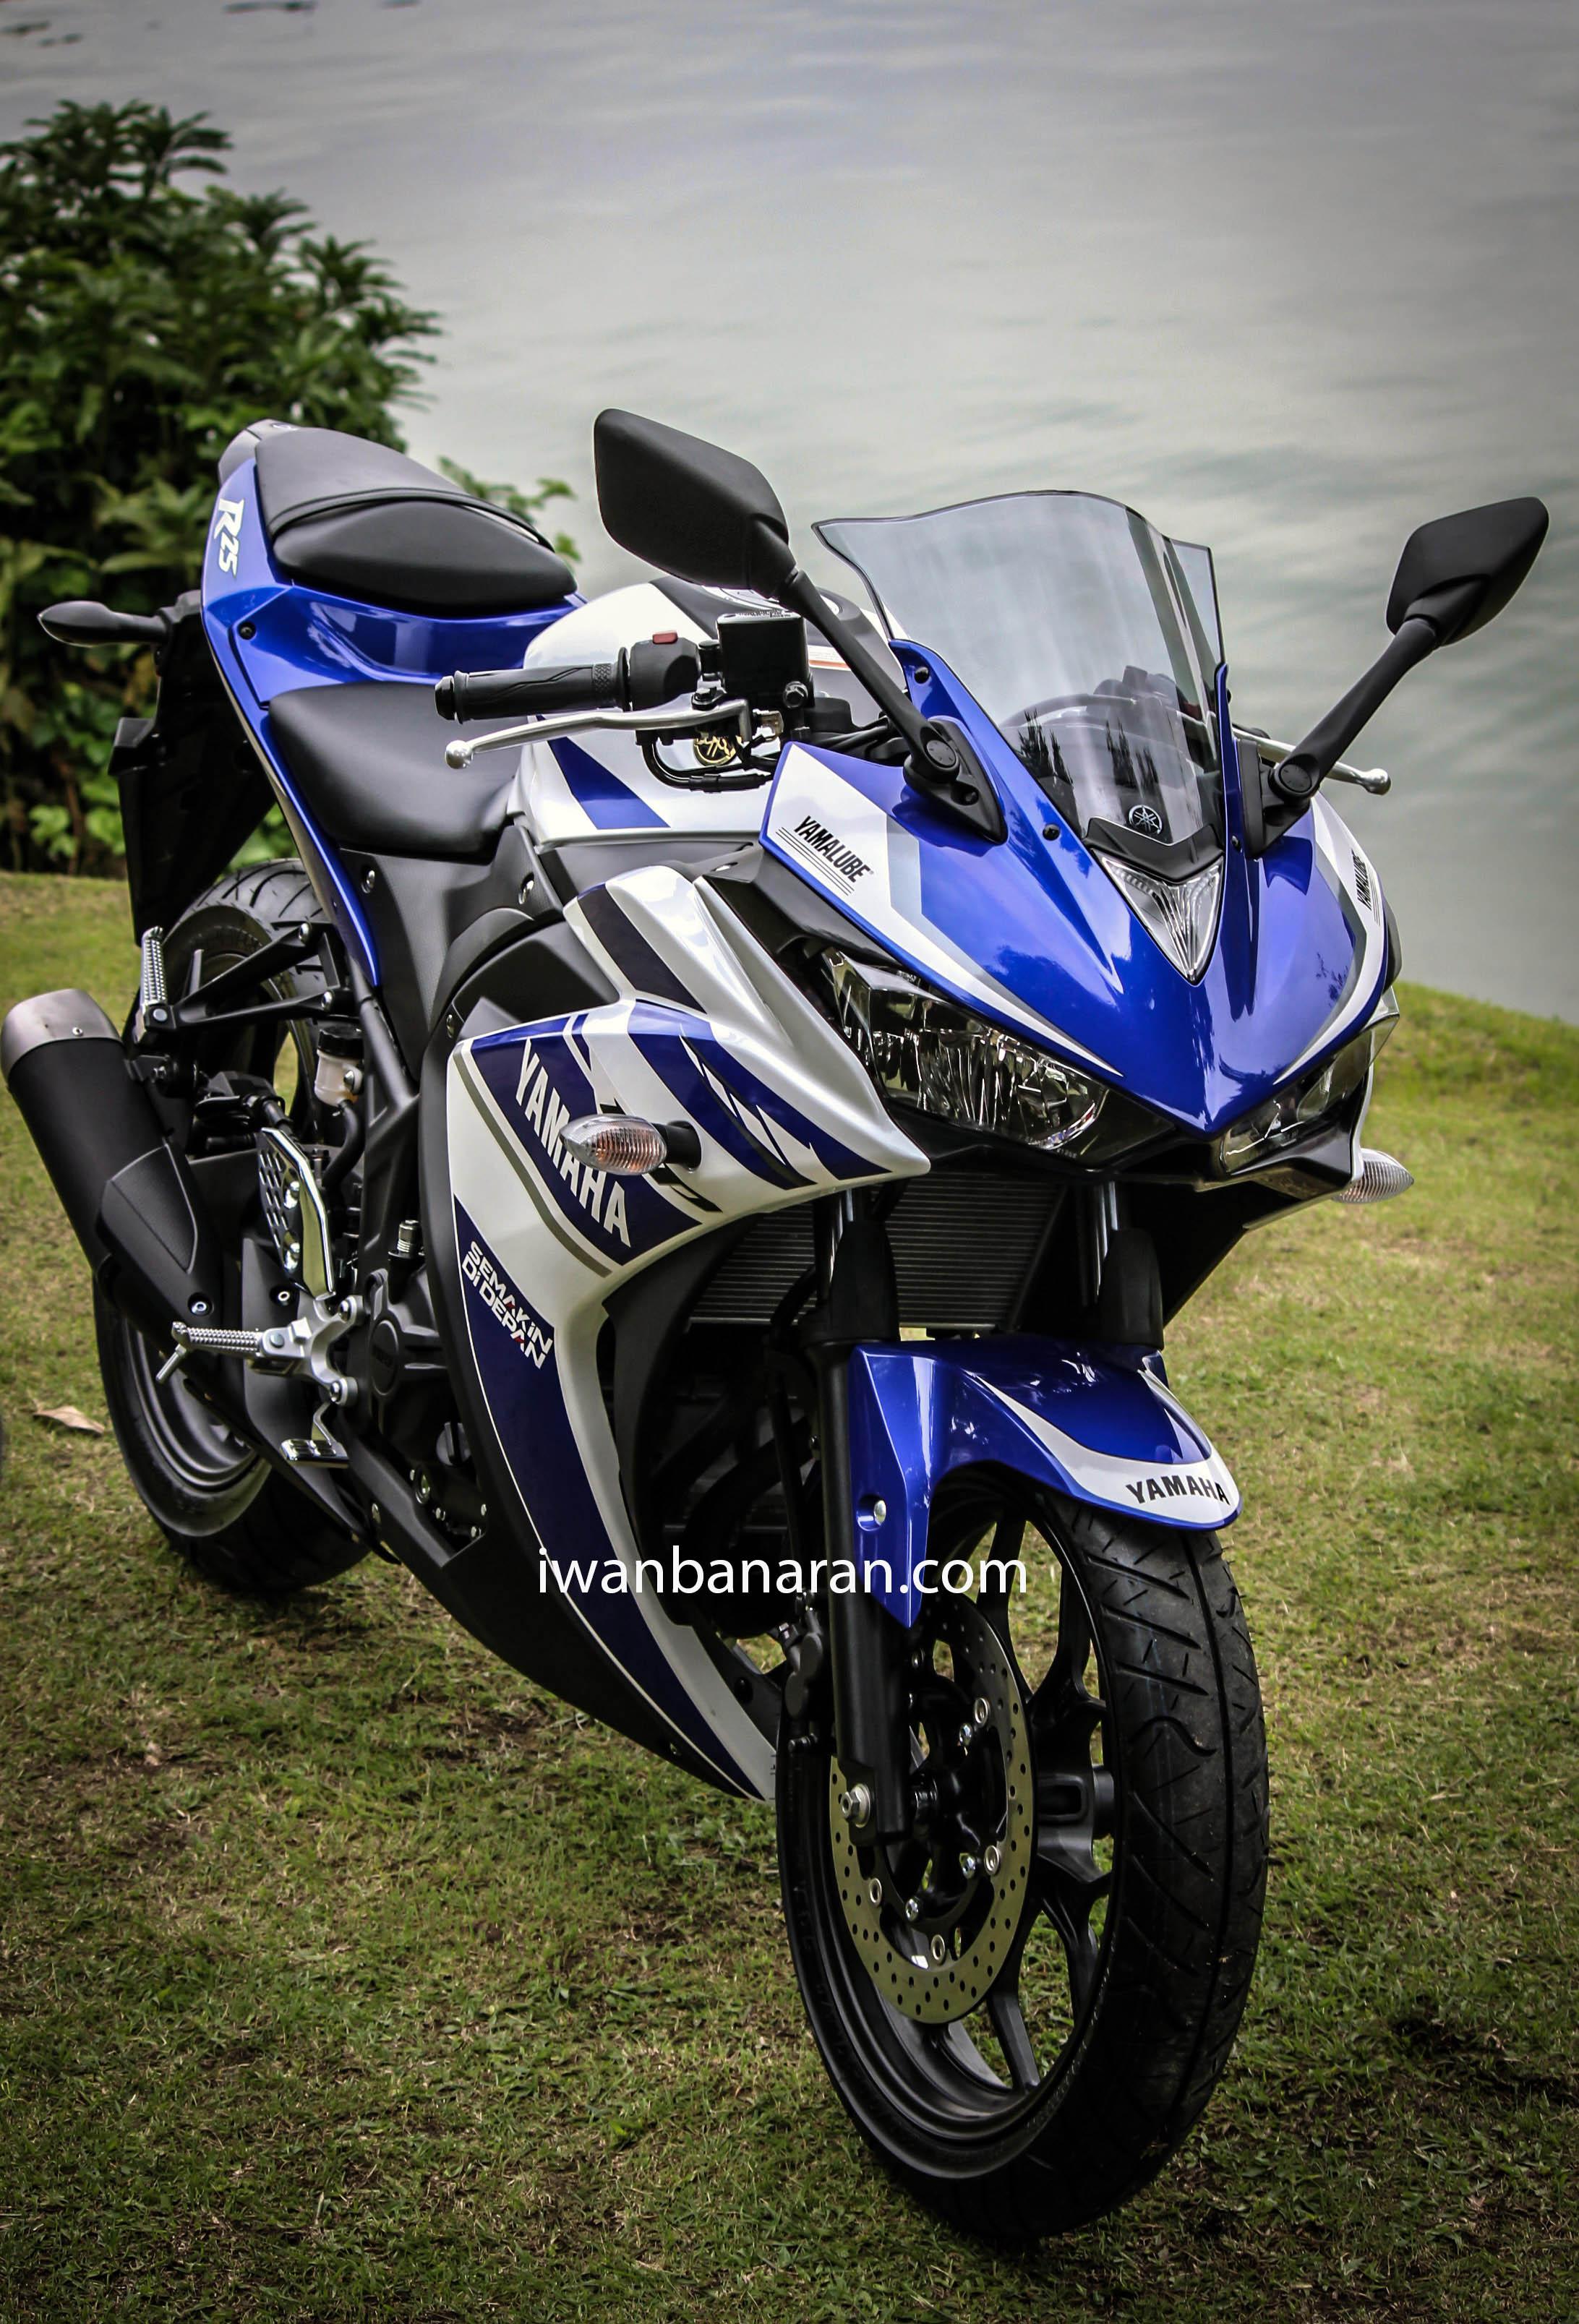 Gambar high res Yamaha YZF R25monggo disedot!!